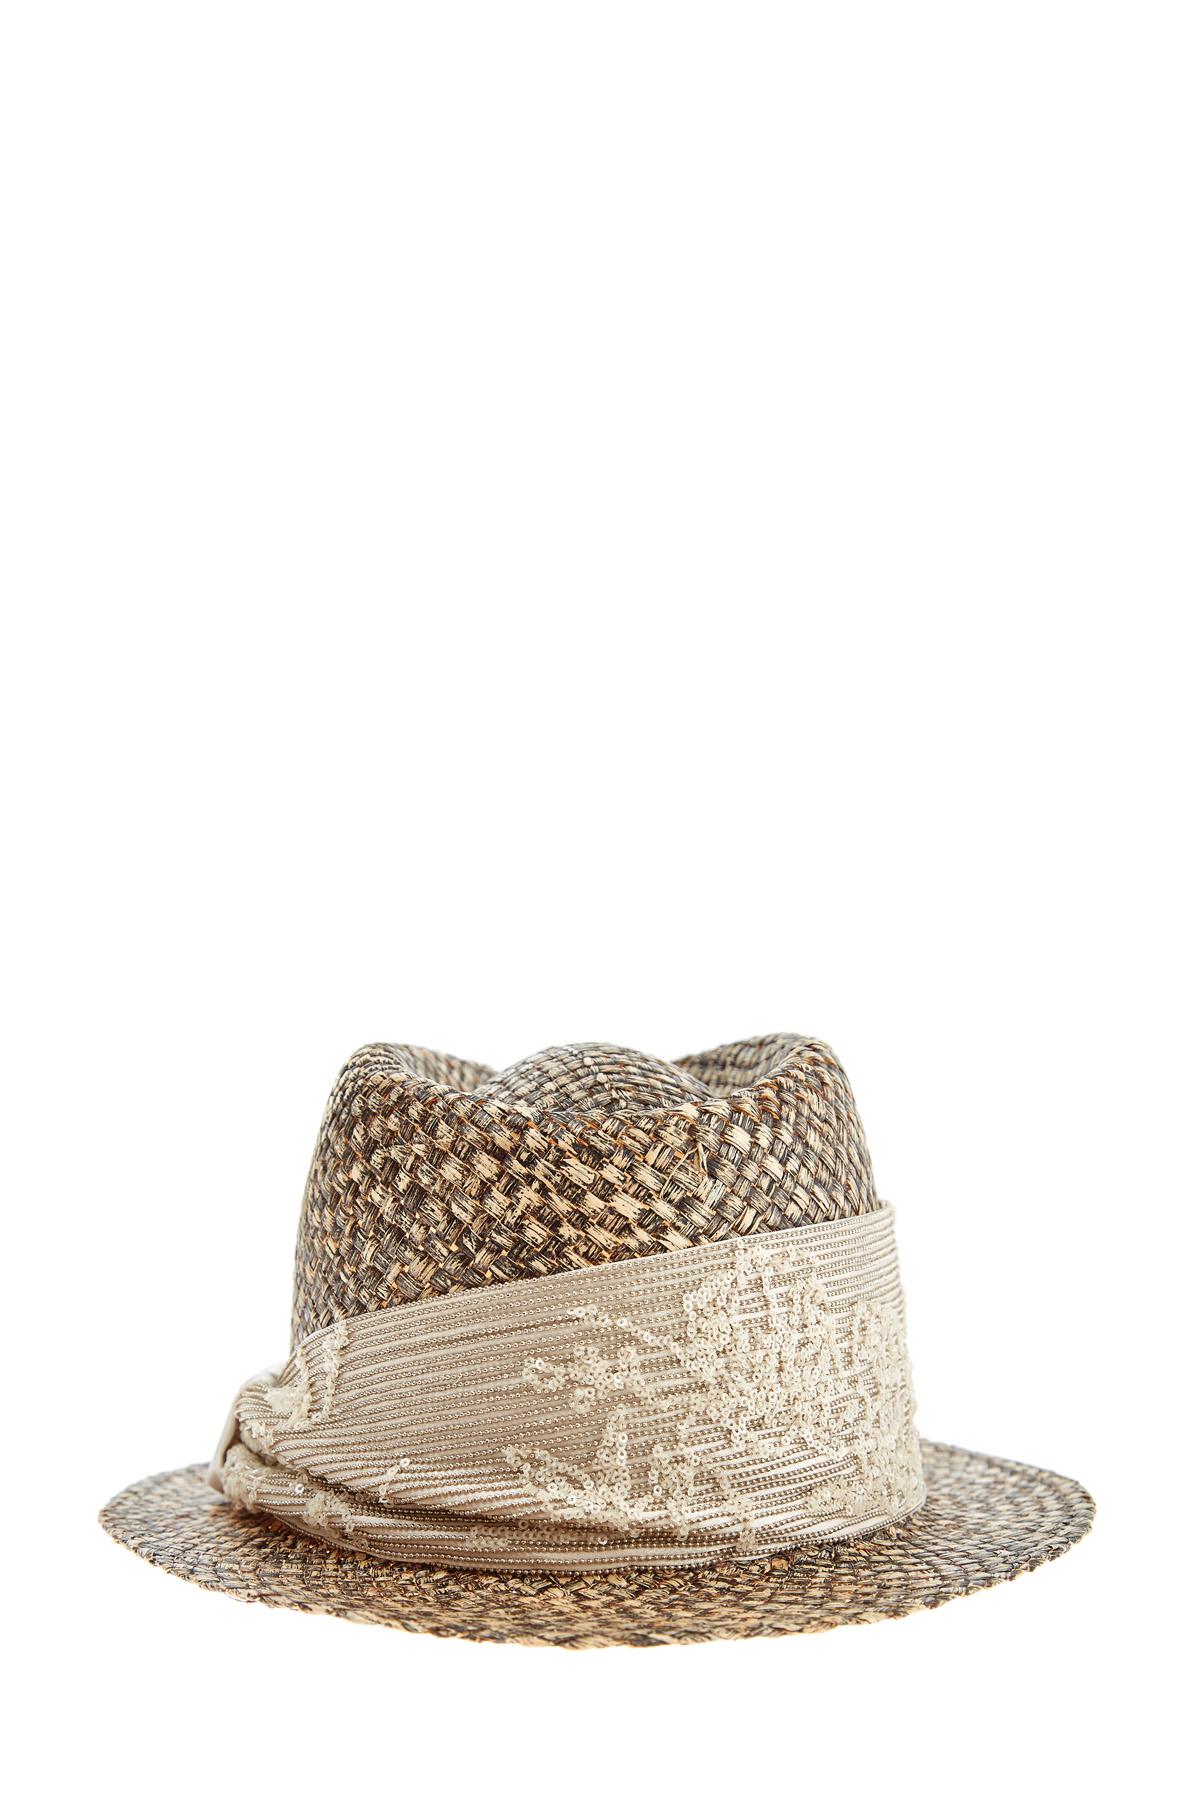 Купить со скидкой Шляпа из рафии с узором из пайеток и вышивкой украшением Мониль